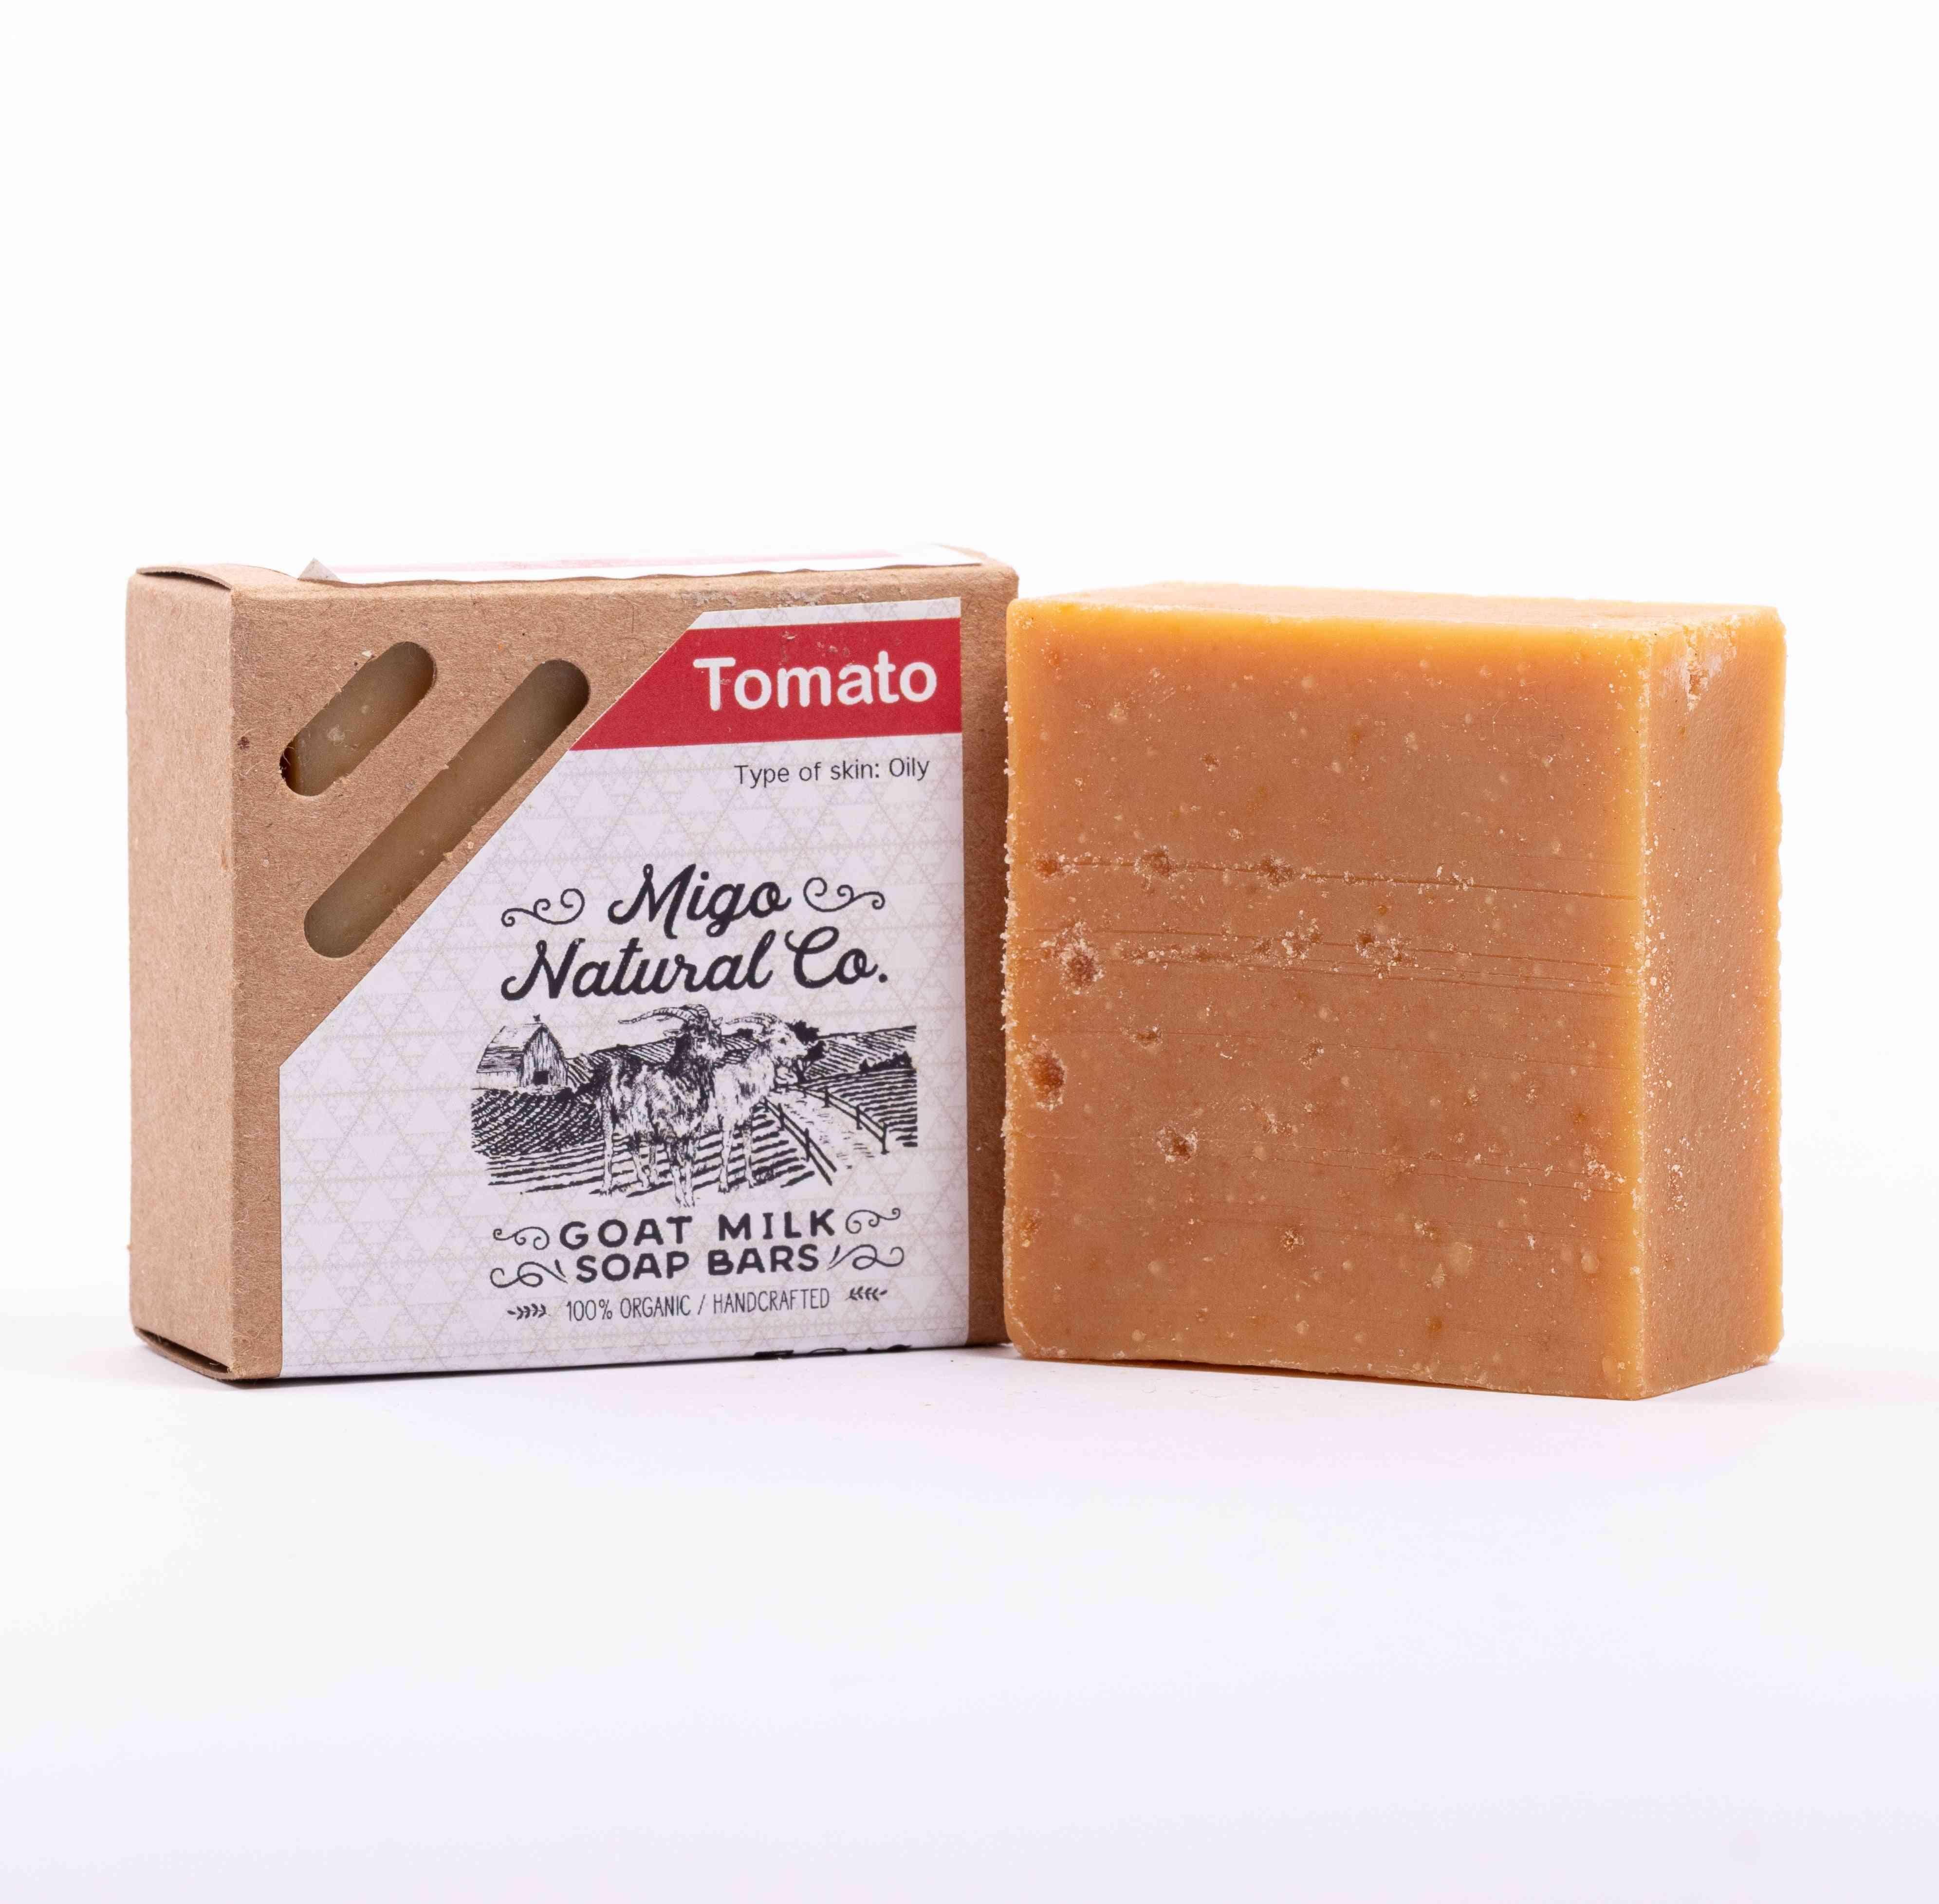 Tomato Goat Milk Soap